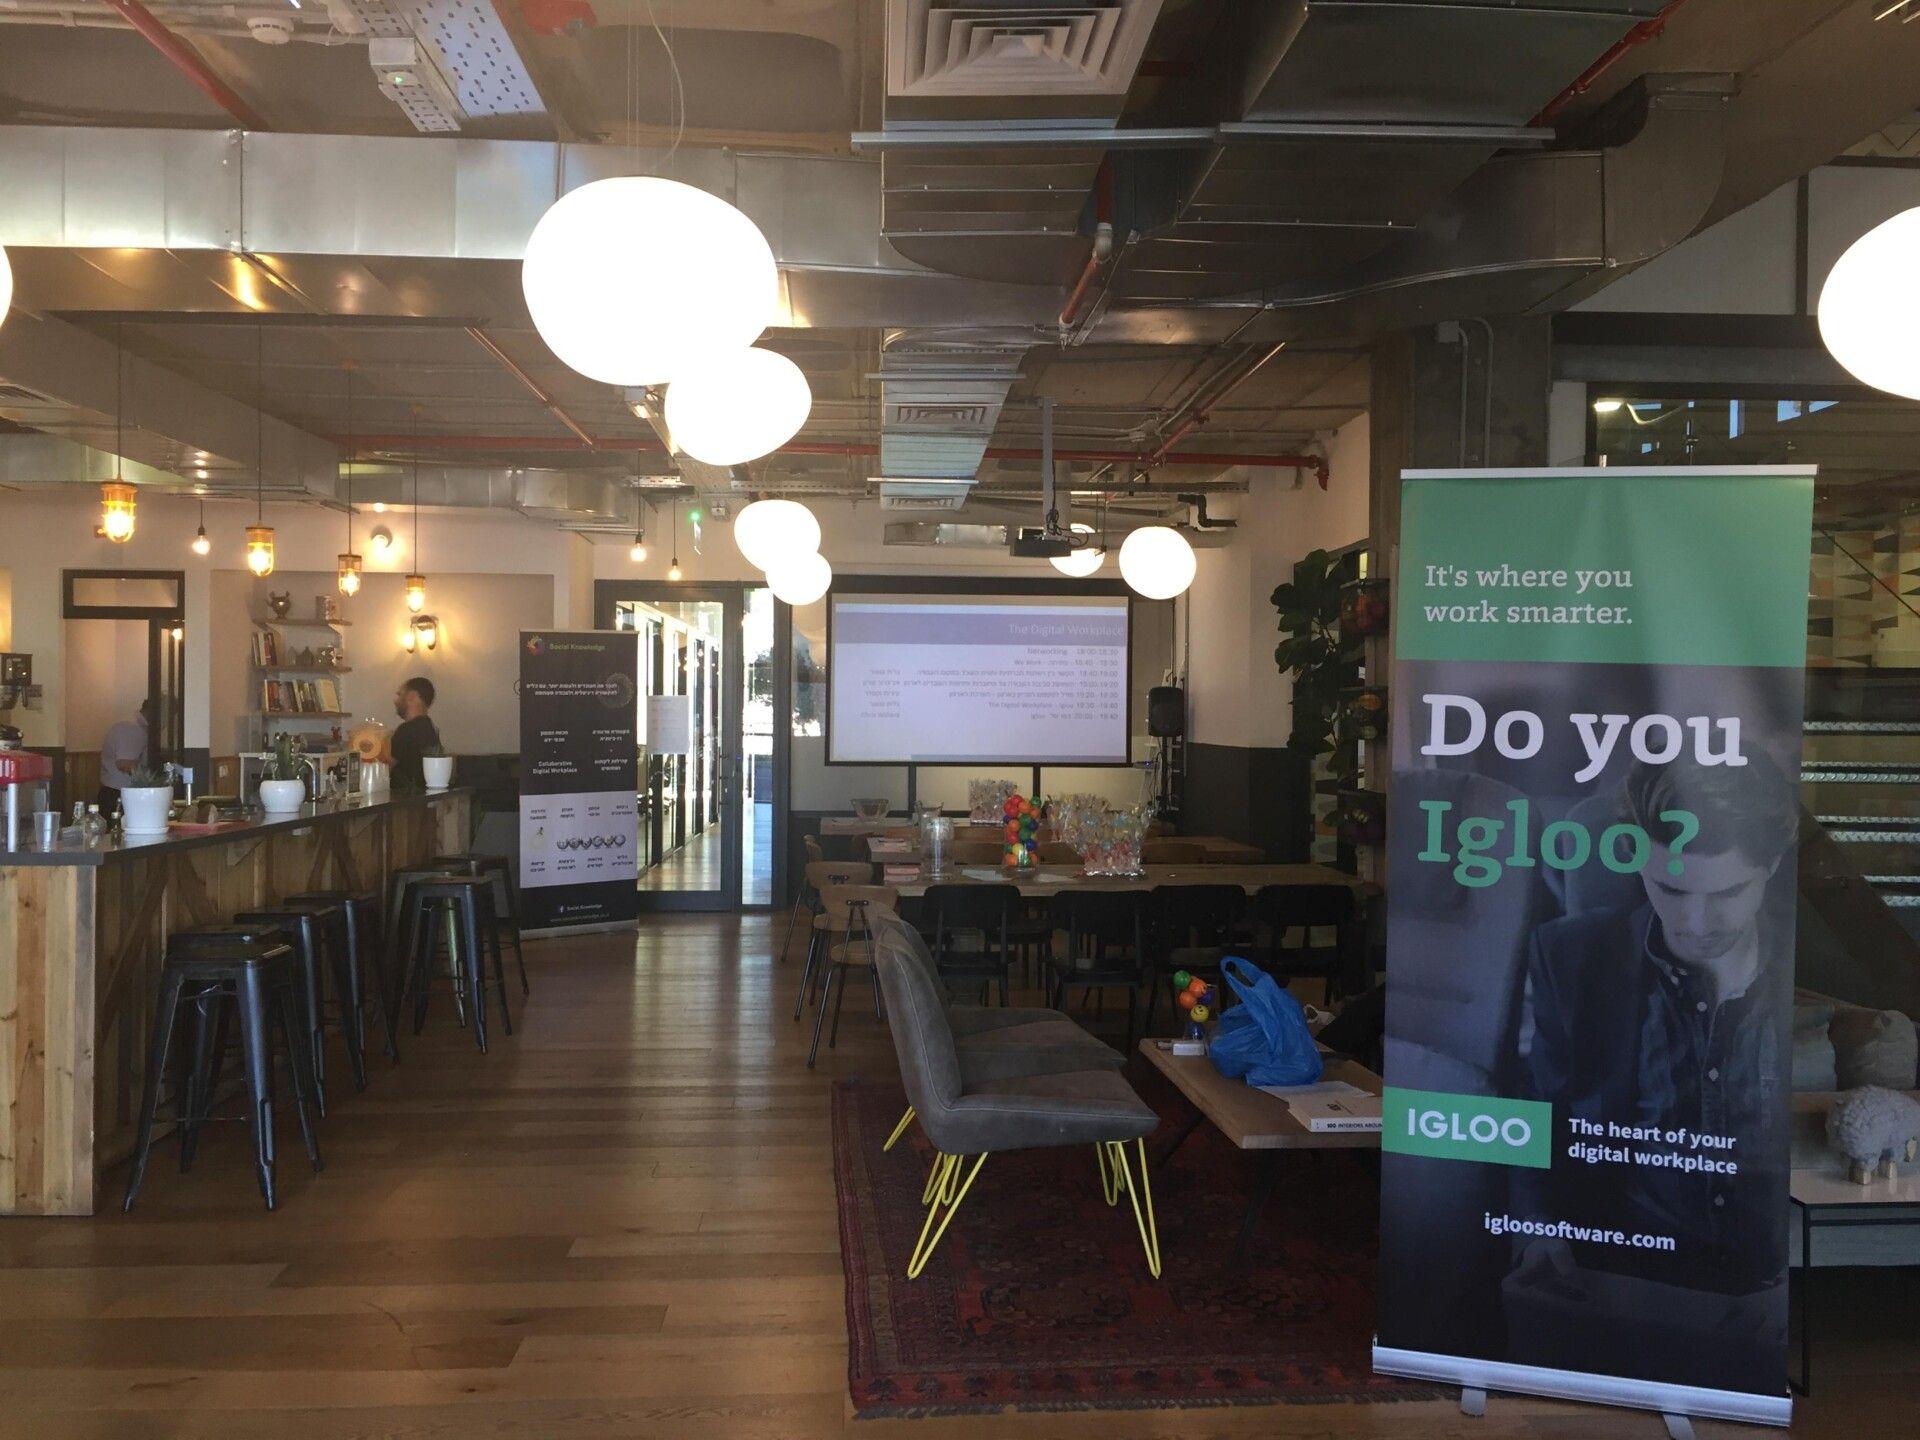 מפגש חווייתי בנושא The Digital Workplace